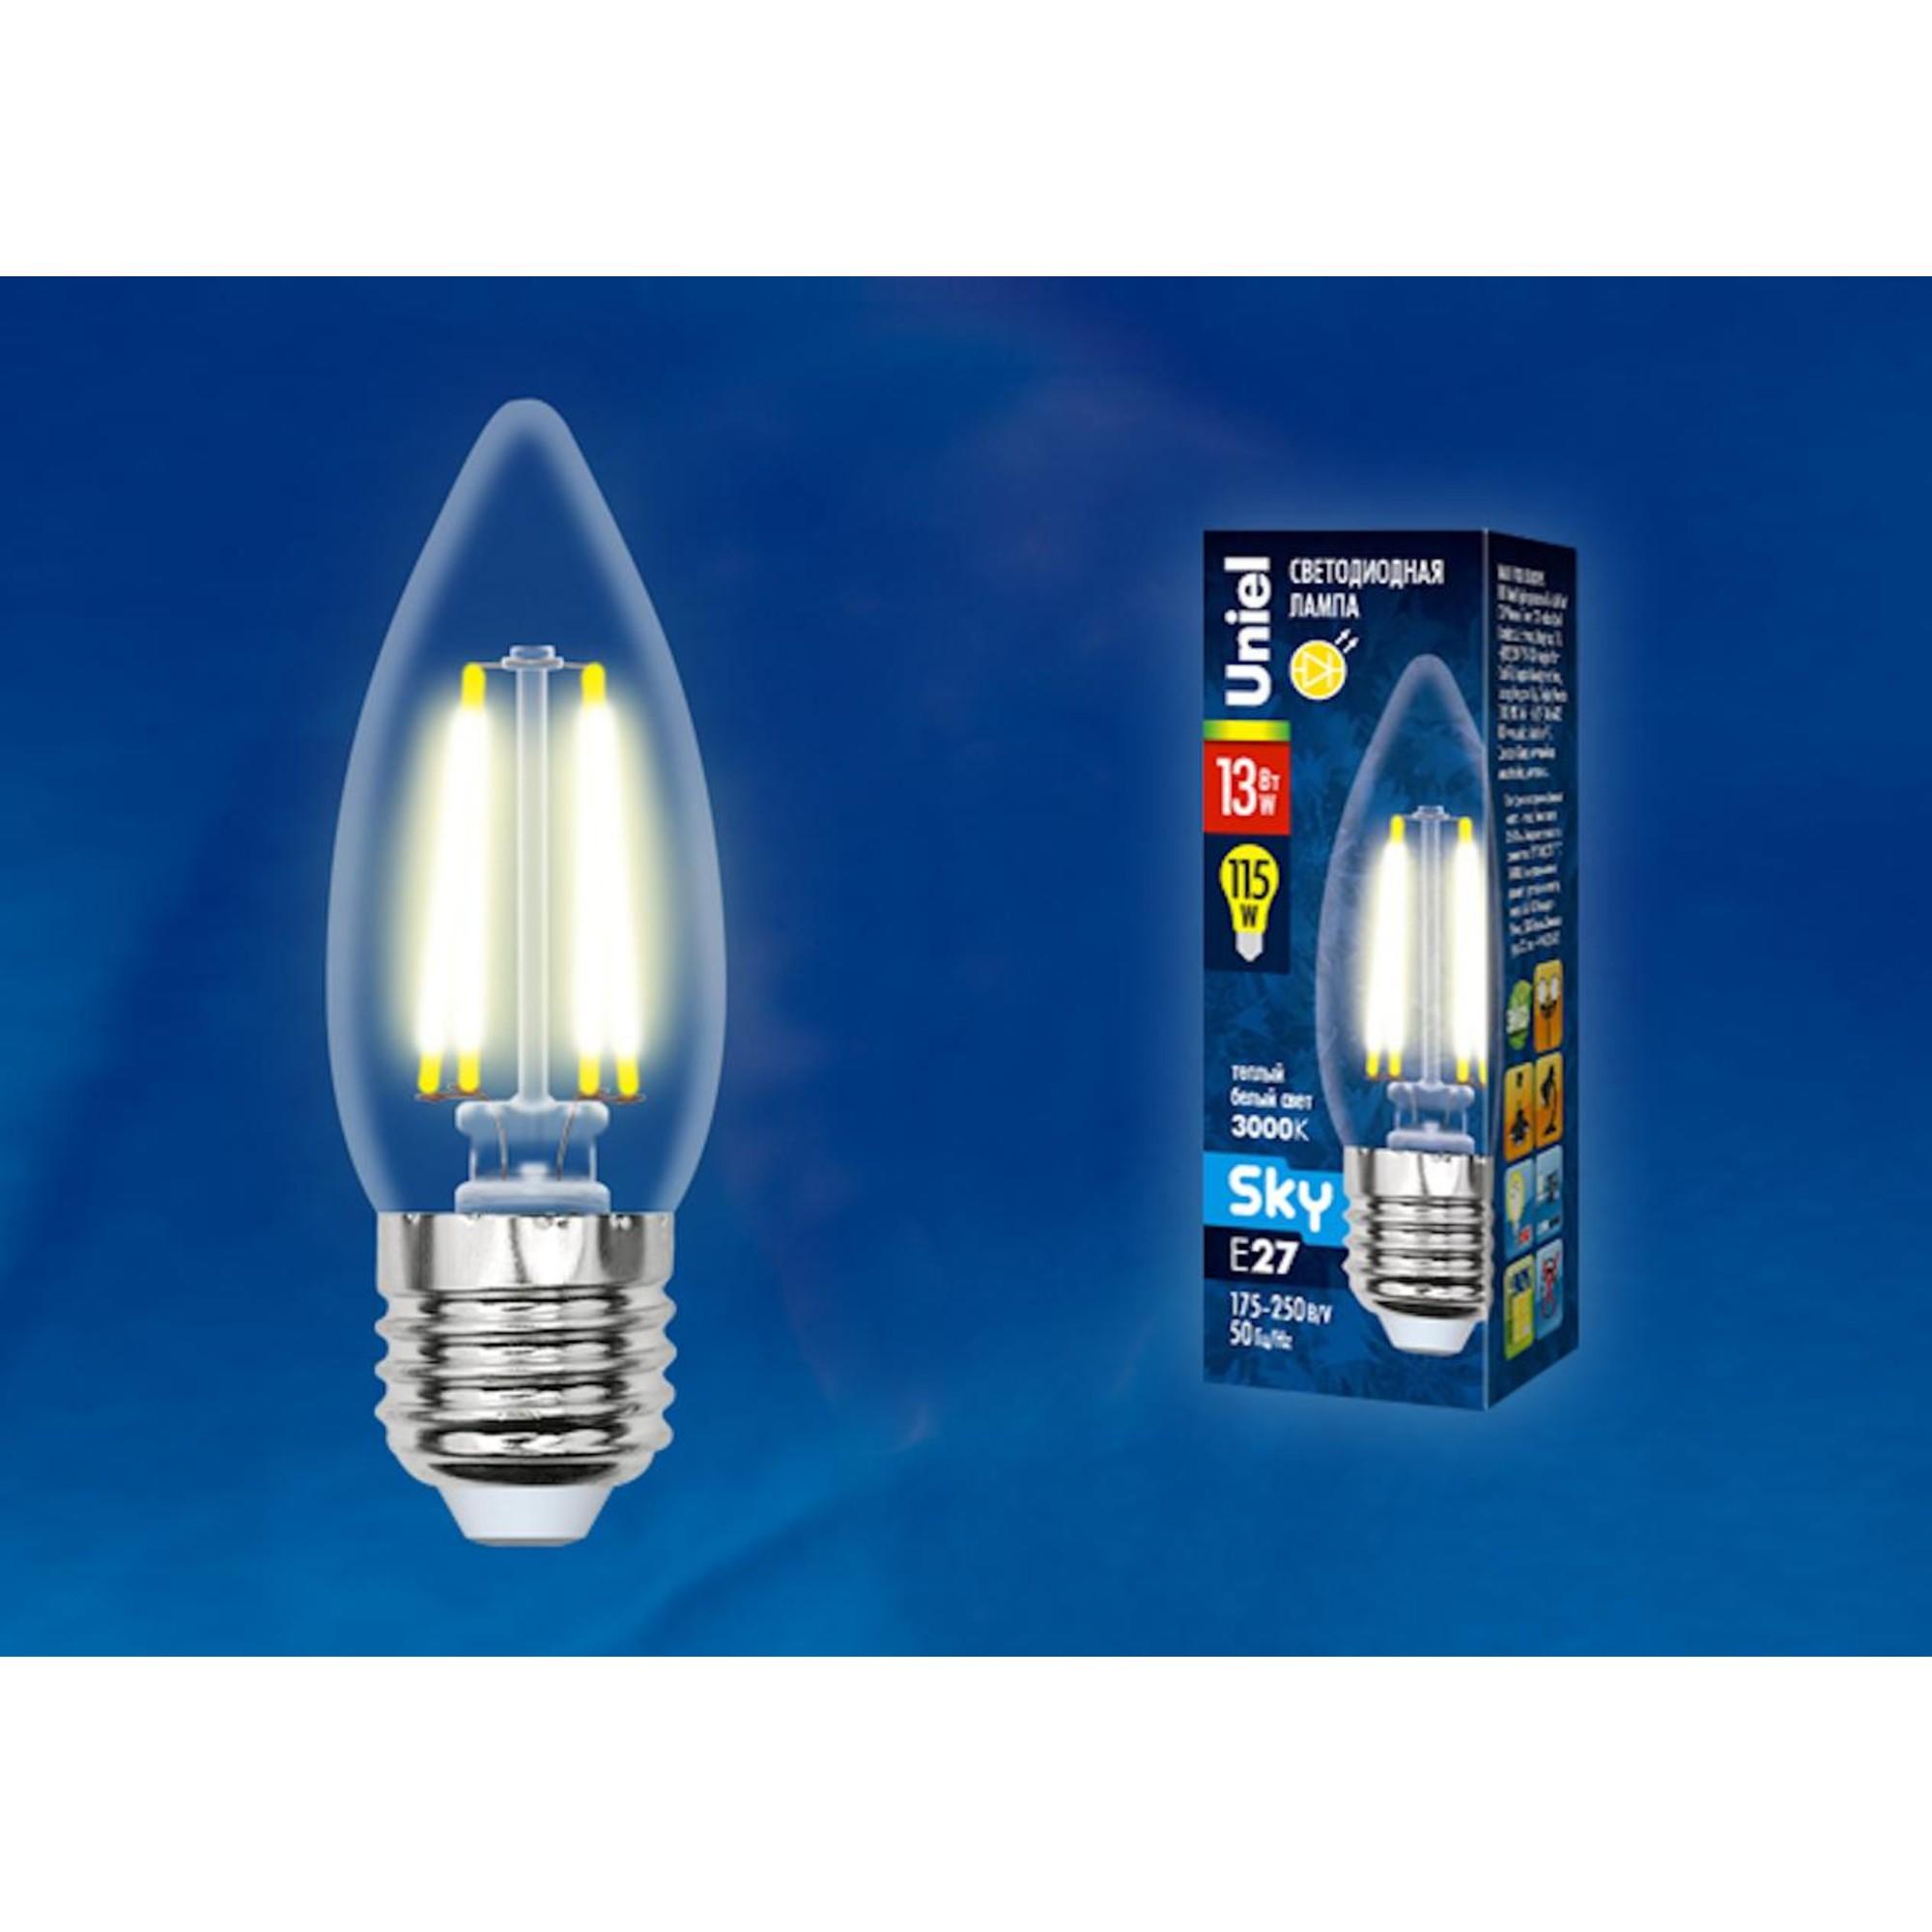 Светодиодная лампочка Uniel UL-00005901 E27 1150 Лм 13 Вт